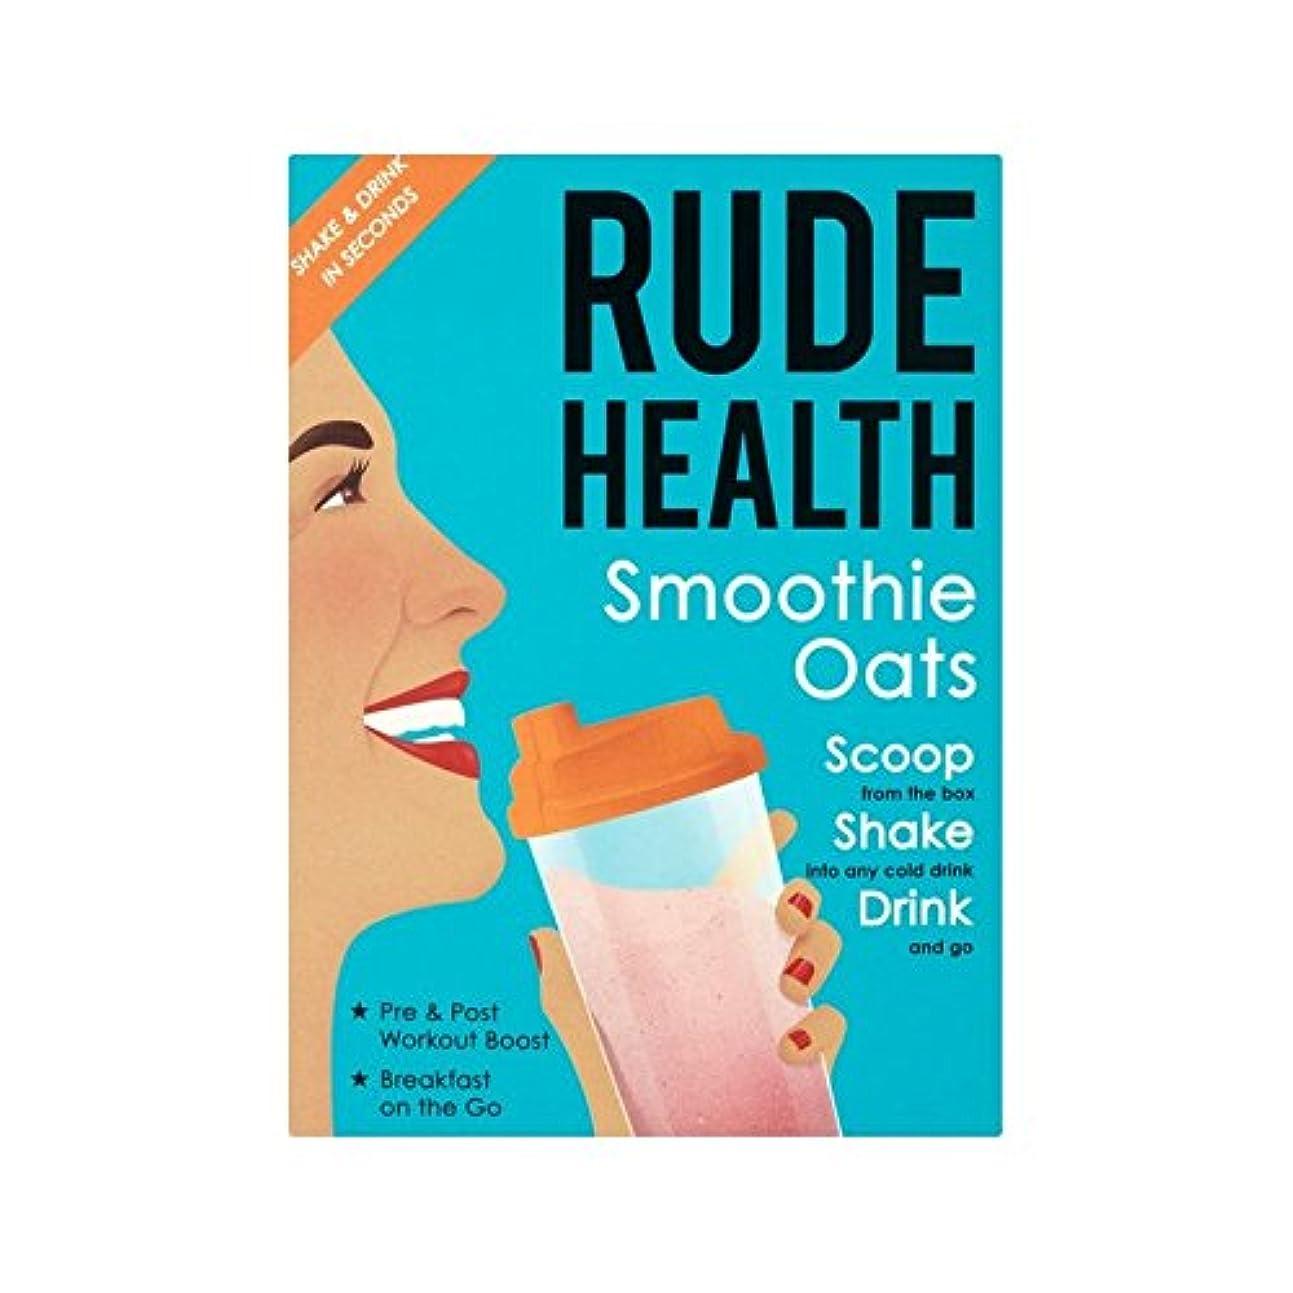 作動する酔っ払い正しいスムージーオート麦250グラム (Rude Health) (x 6) - Rude Health Smoothie Oats 250g (Pack of 6) [並行輸入品]